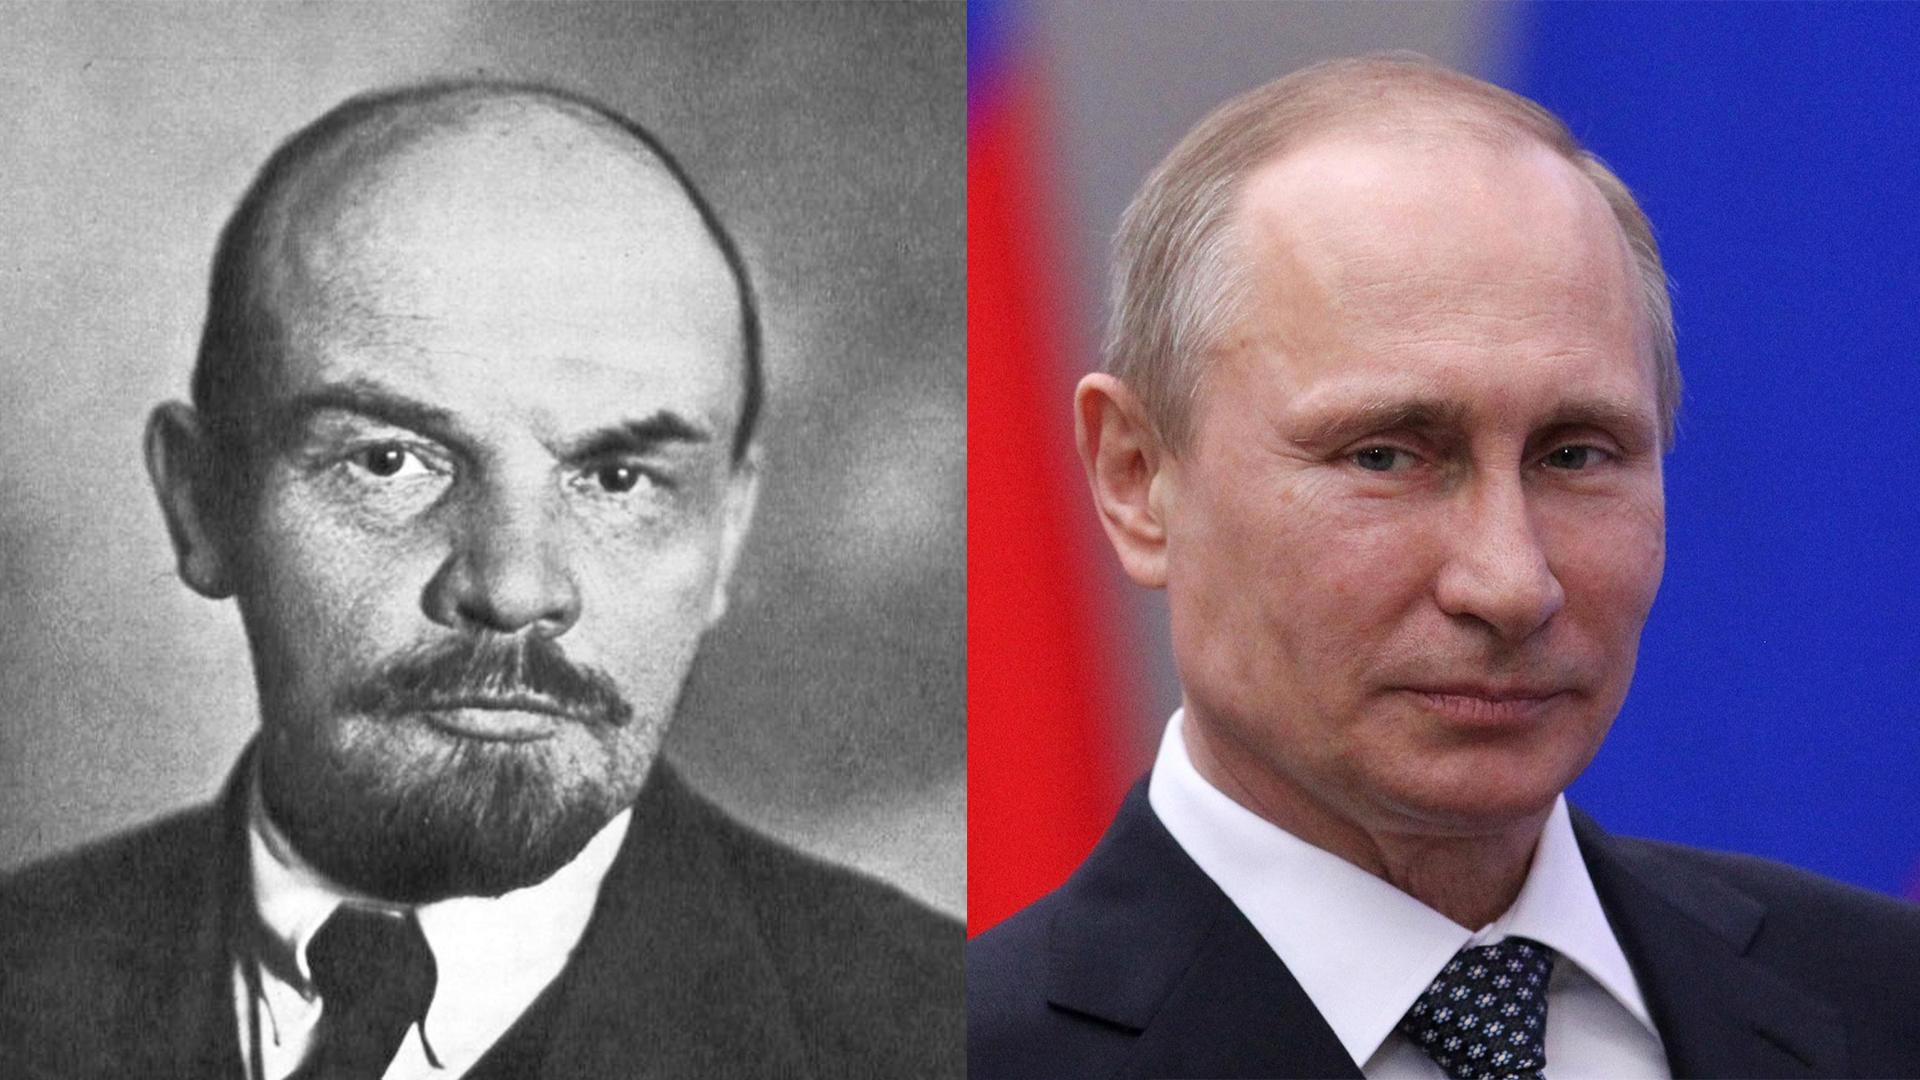 Vladimir Putin Responsabilizo A Lenin De La Caida De La Union Sovietica Infobae